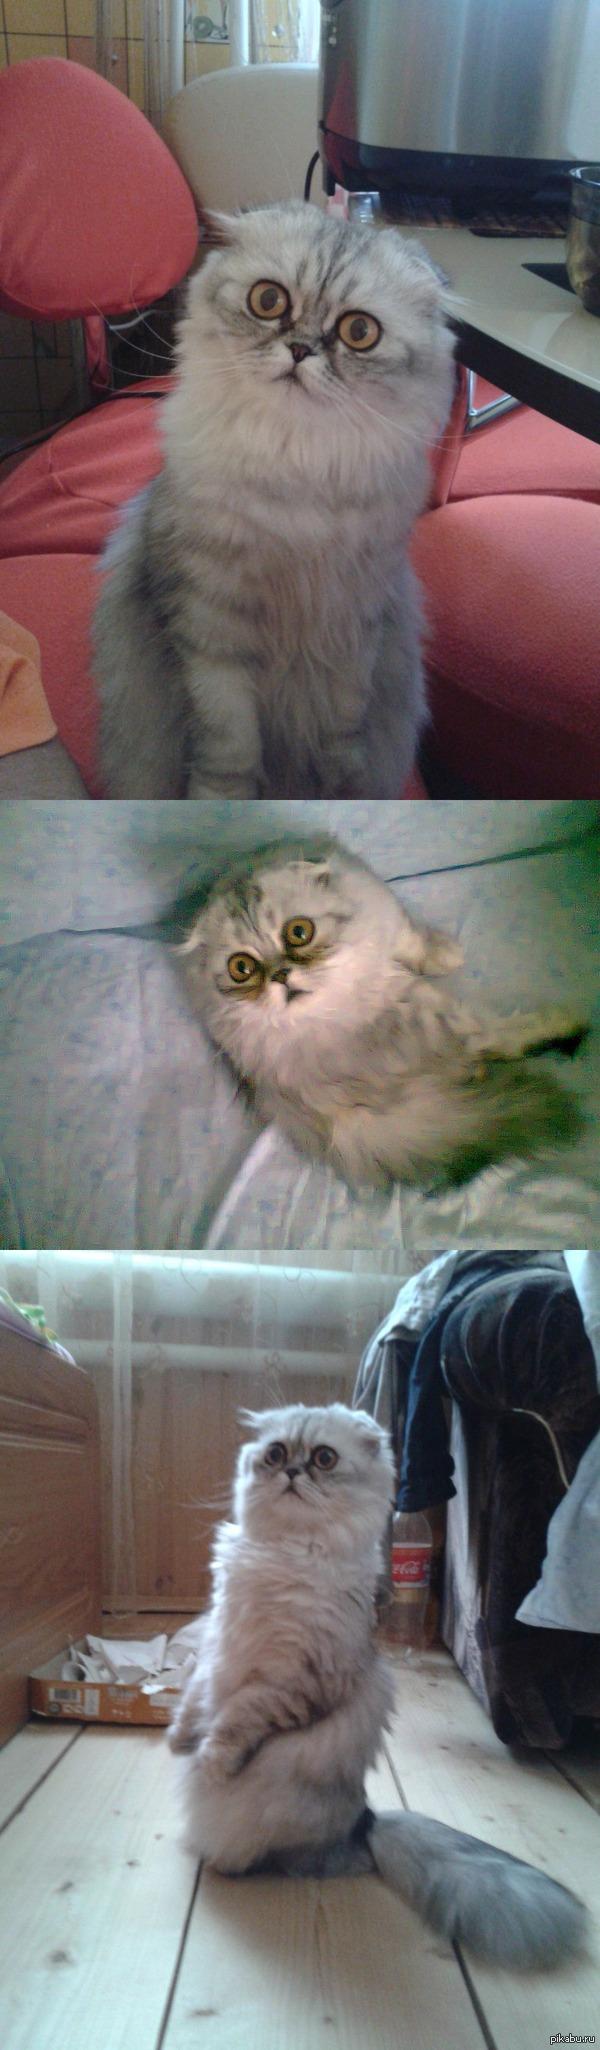 Кот, который видел некоторое дерьмо в этой жизни. Увидел в ВК просьбу пристроить кота, по моему коту жилось не очень.